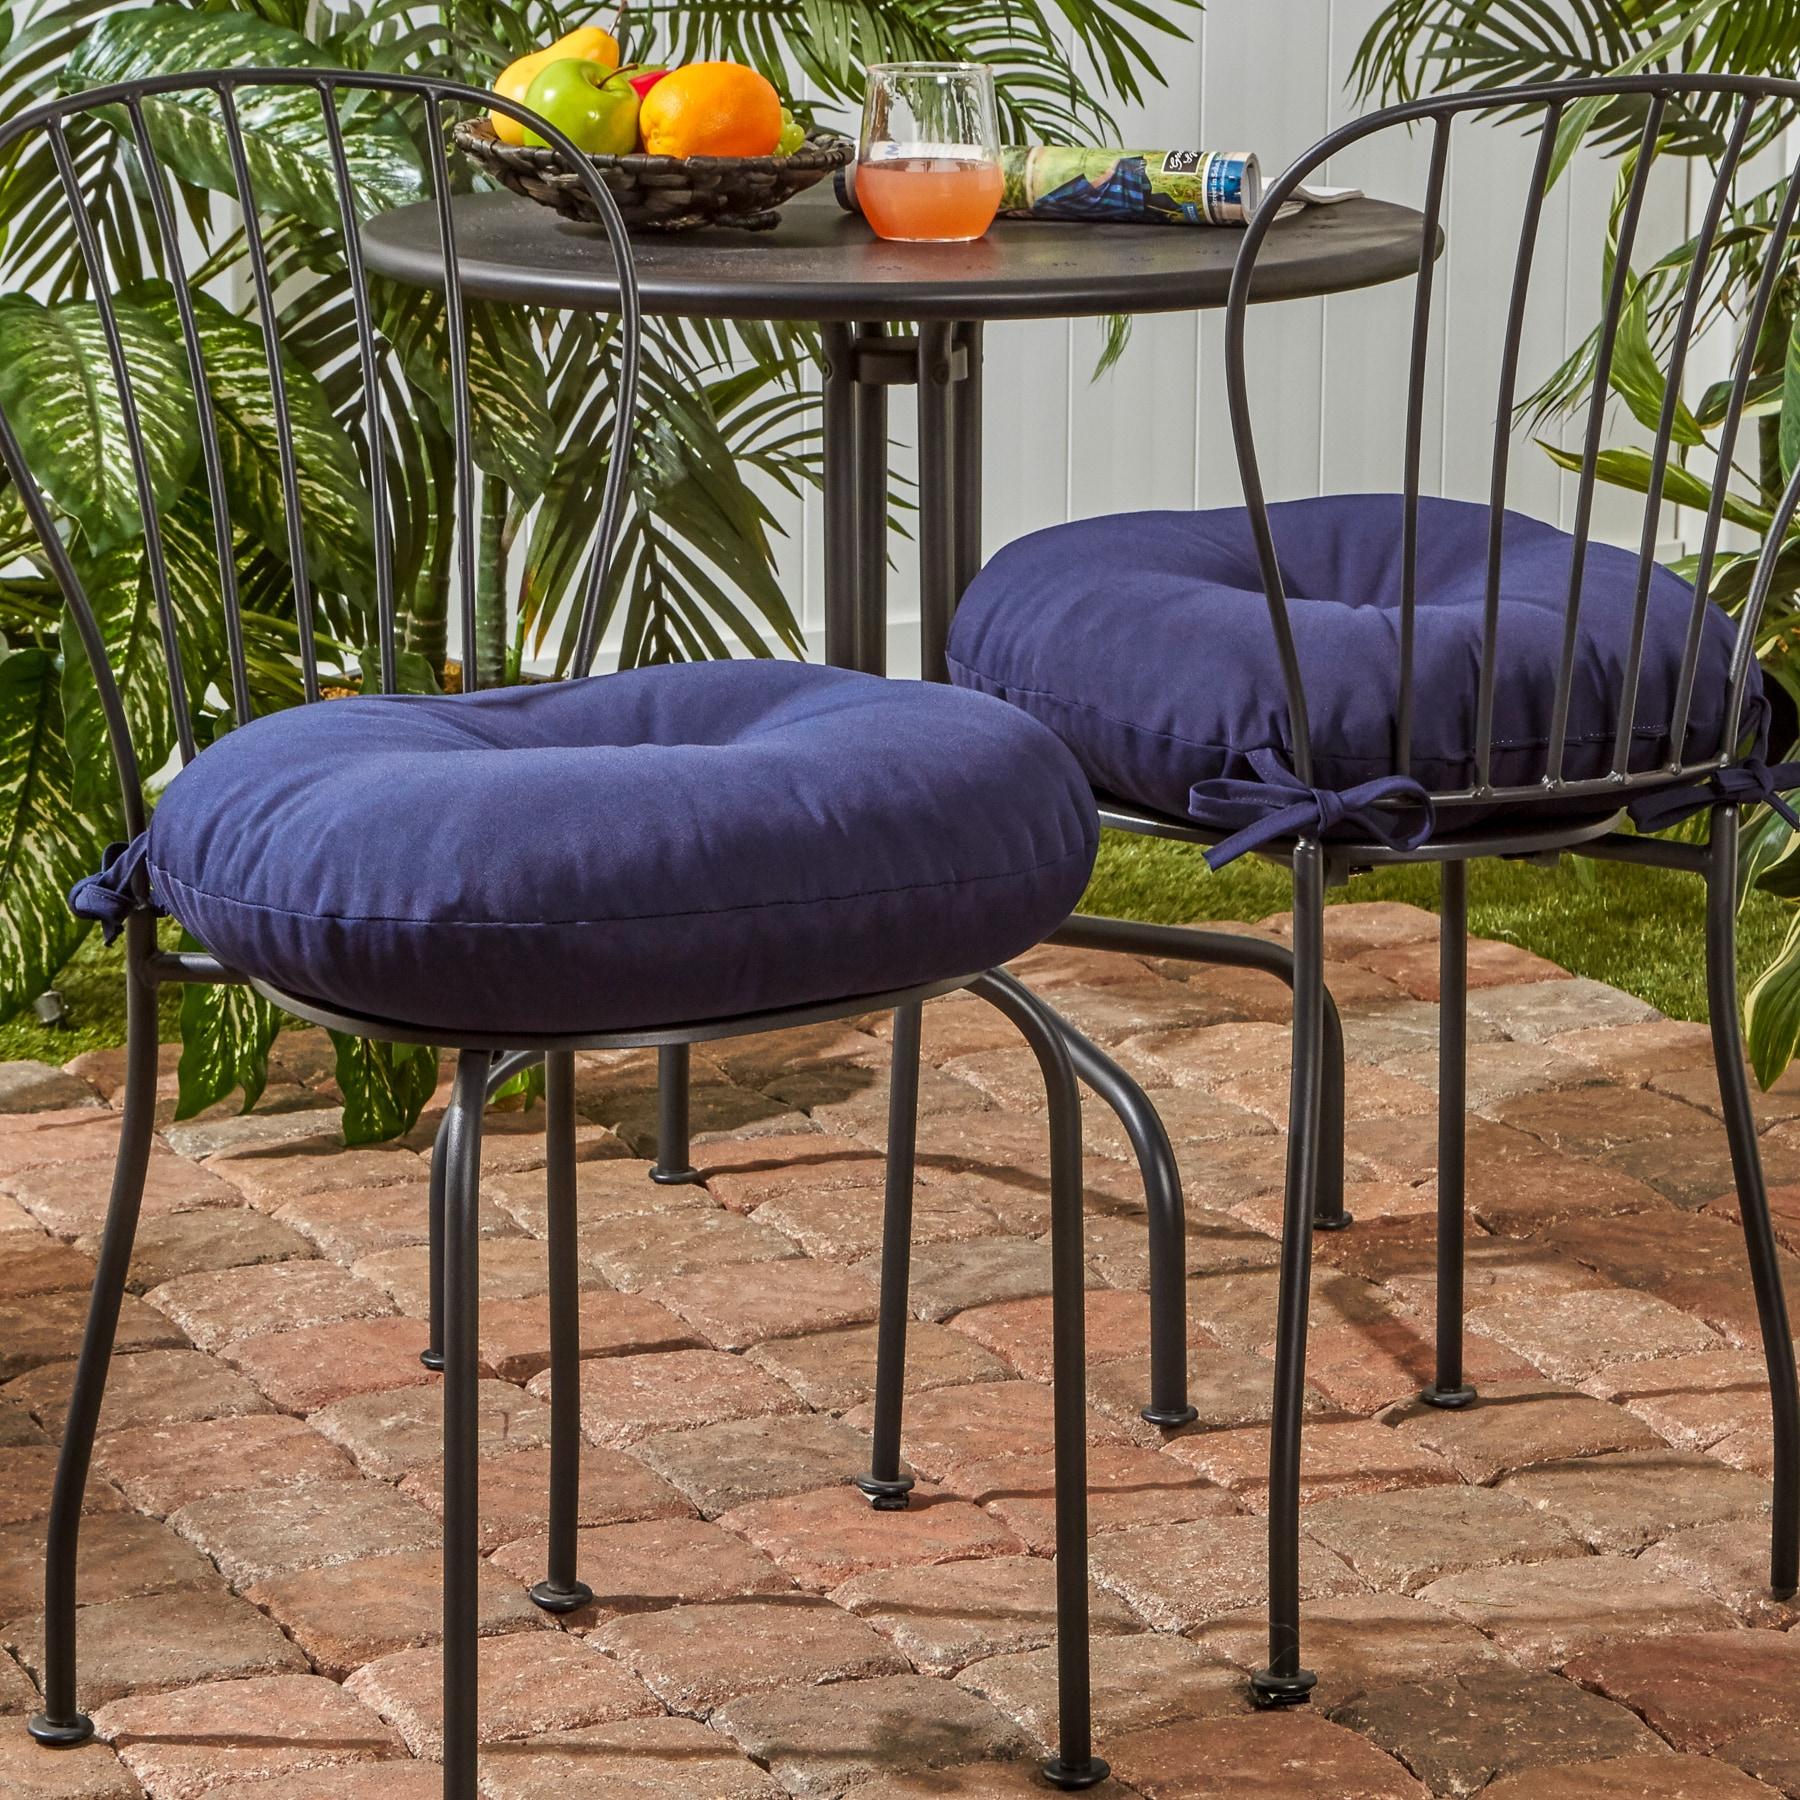 Shop 18 Inch Round Outdoor Bistro Chair Cushion Set Of 2 18w X